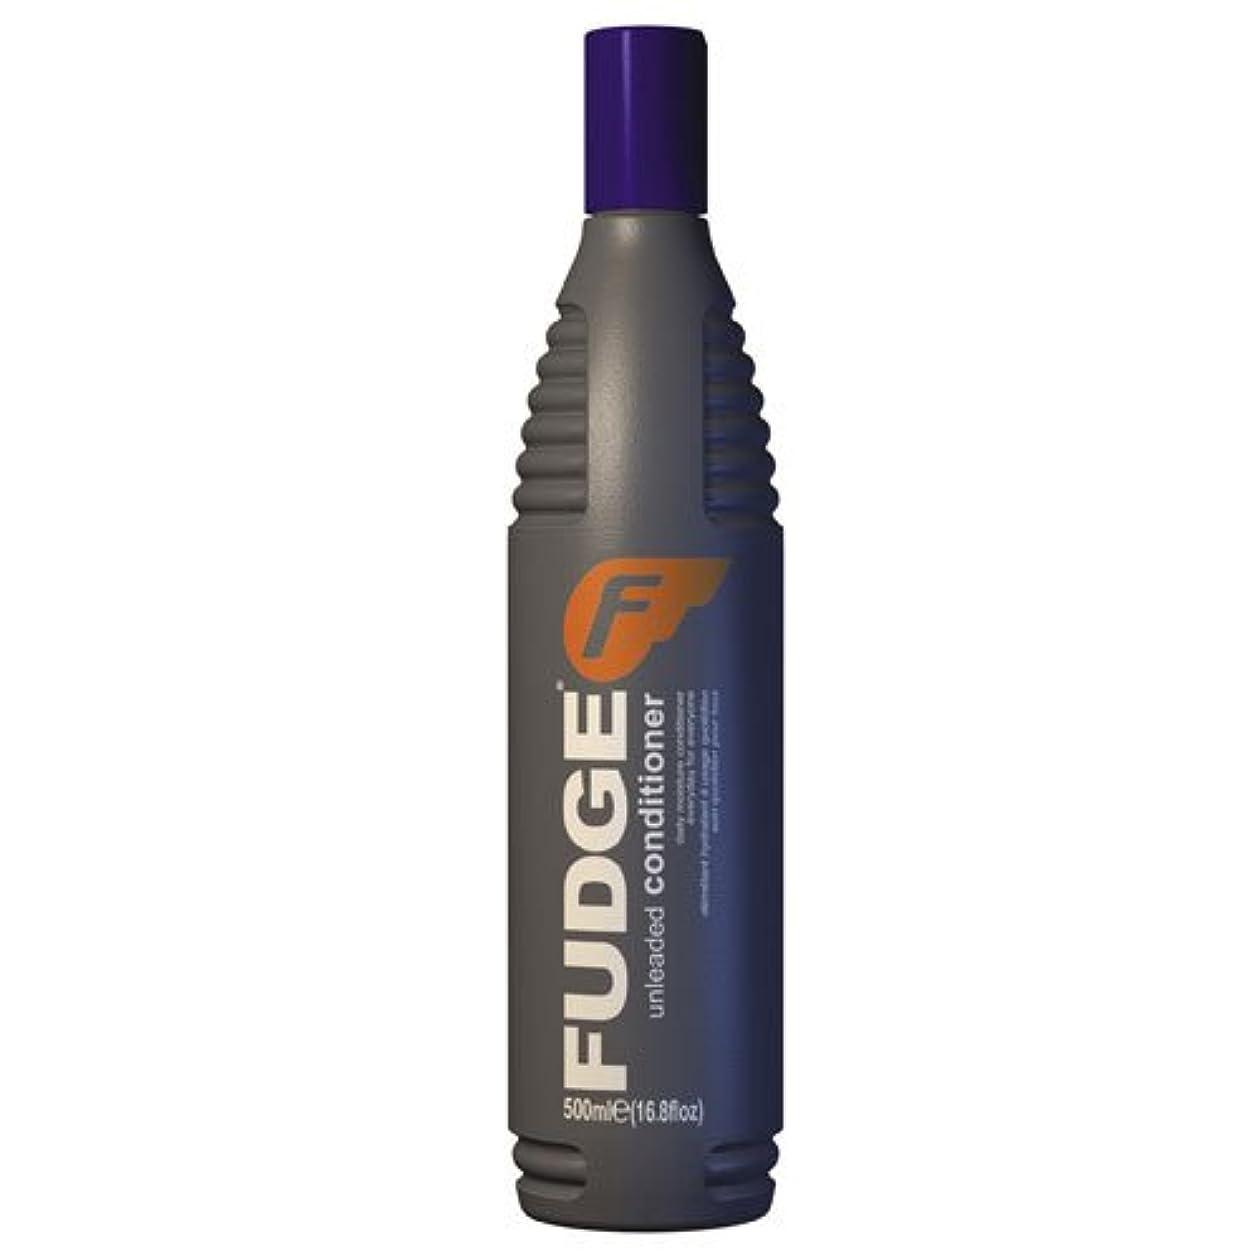 まだら先駆者着飾るFudge 無鉛コンディショナー16.8オンス